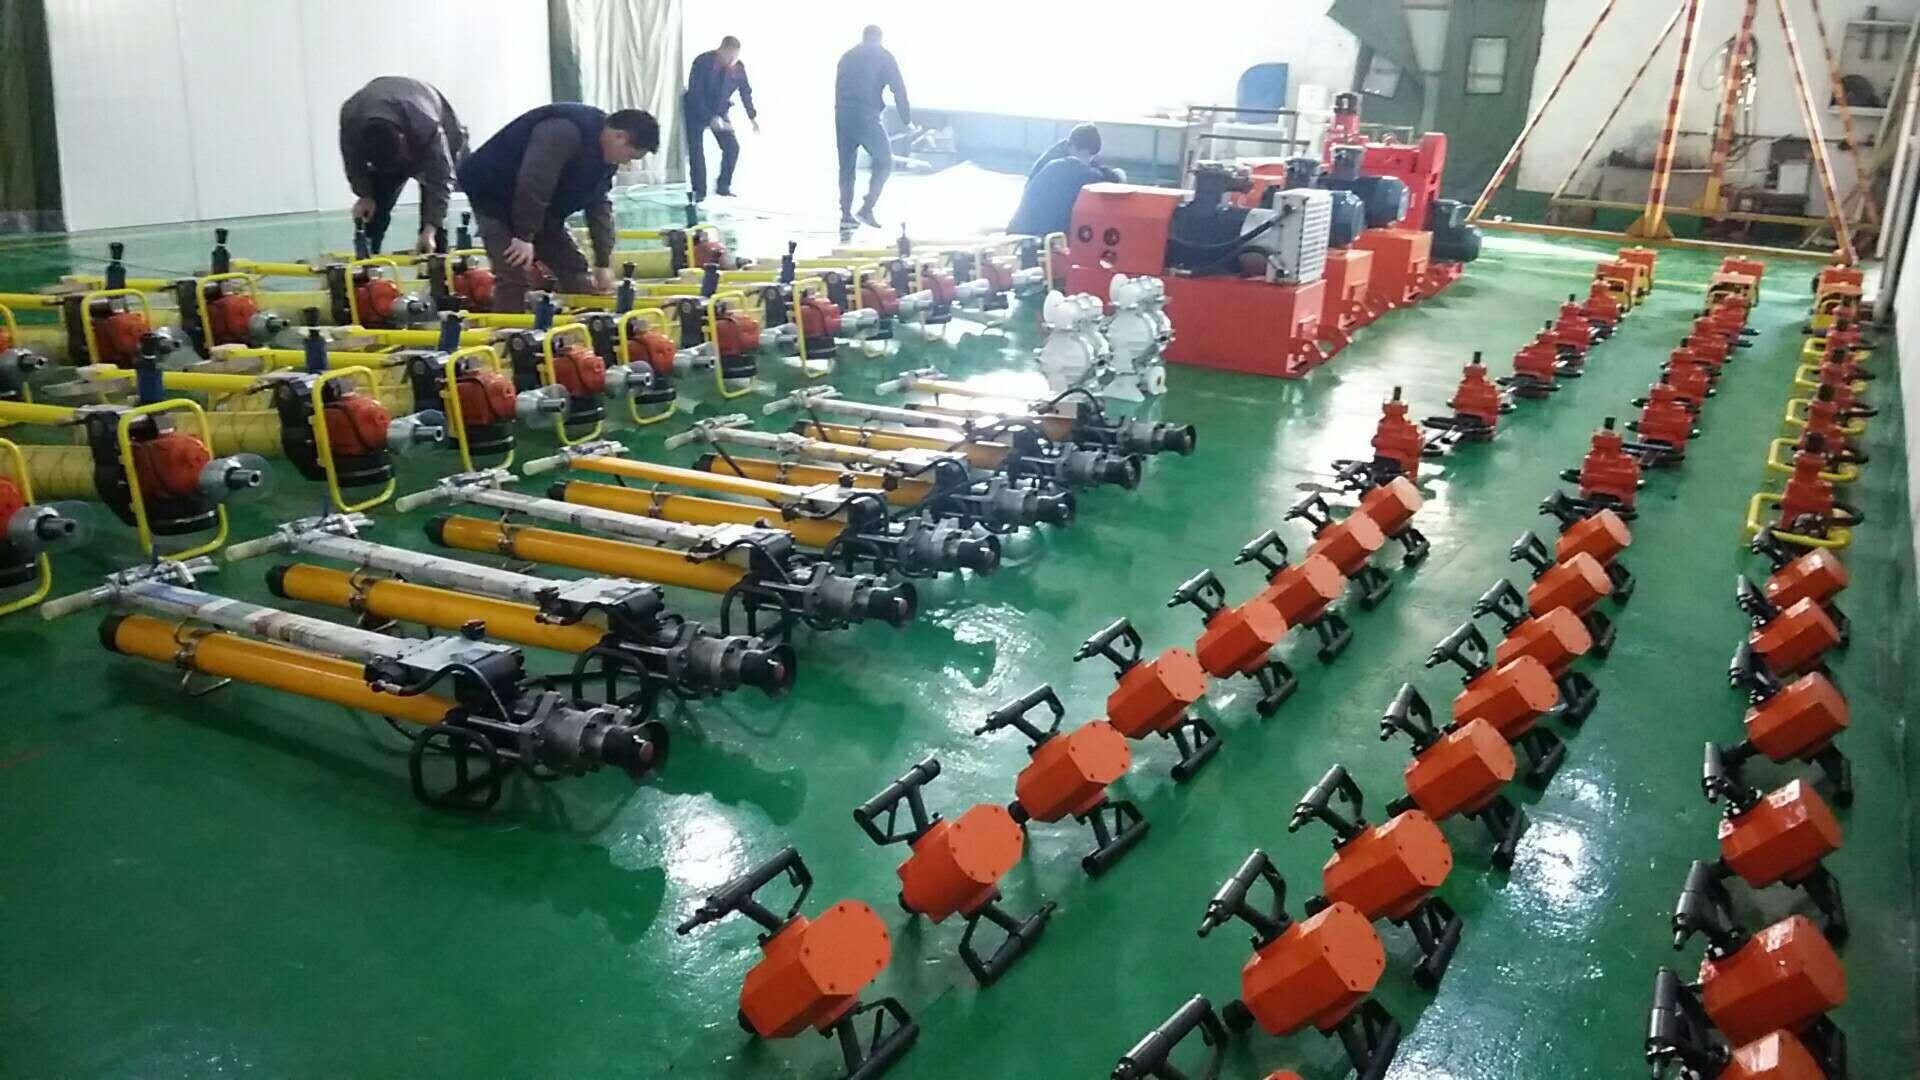 110气动锚杆钻机立式锚杆机多少钱小型锚杆机墨隆钻机厂家110气动锚杆钻机